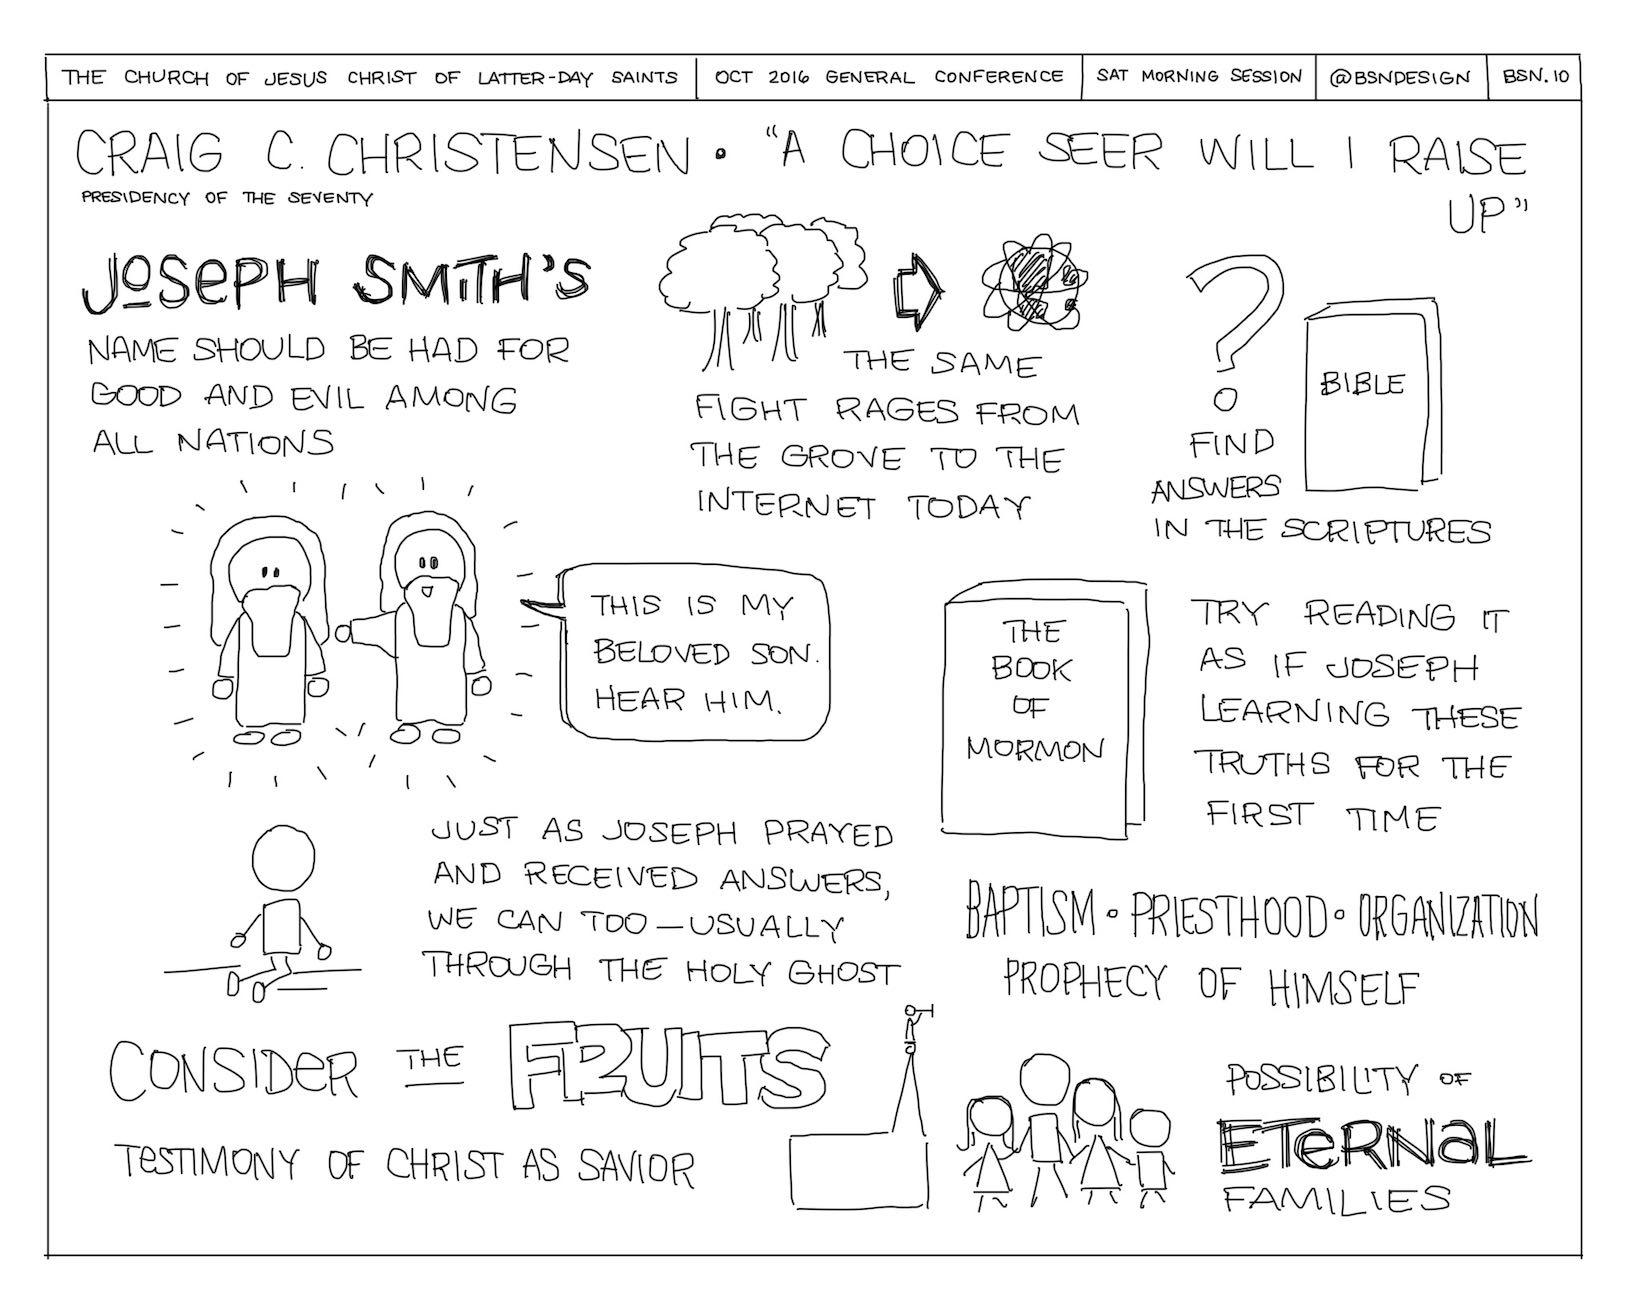 General Conference Sketchnotes 08